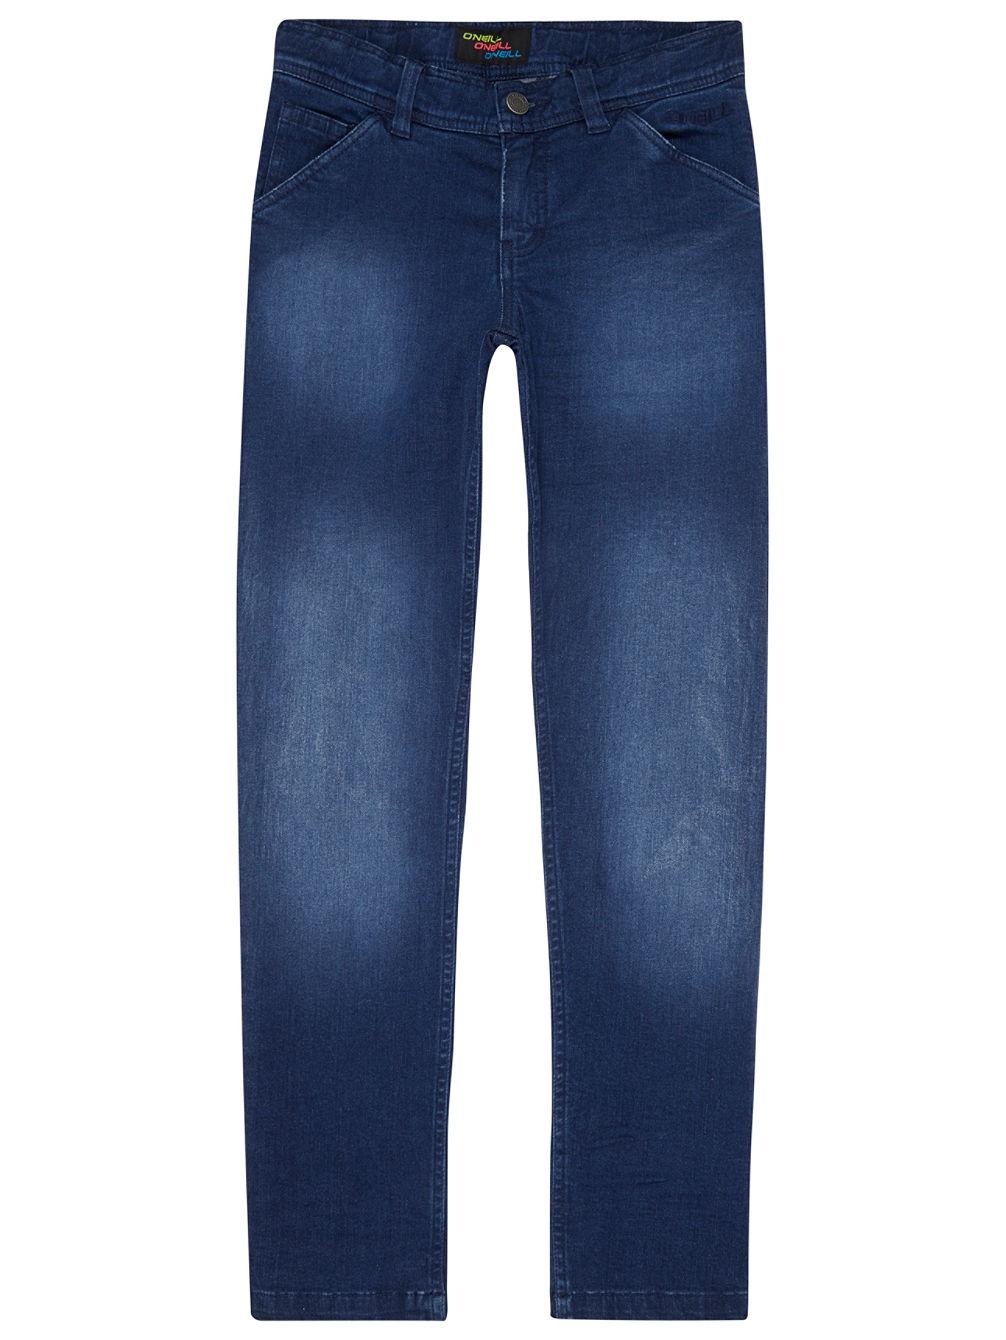 Achat O'neill Stringer Jeans En Ligne